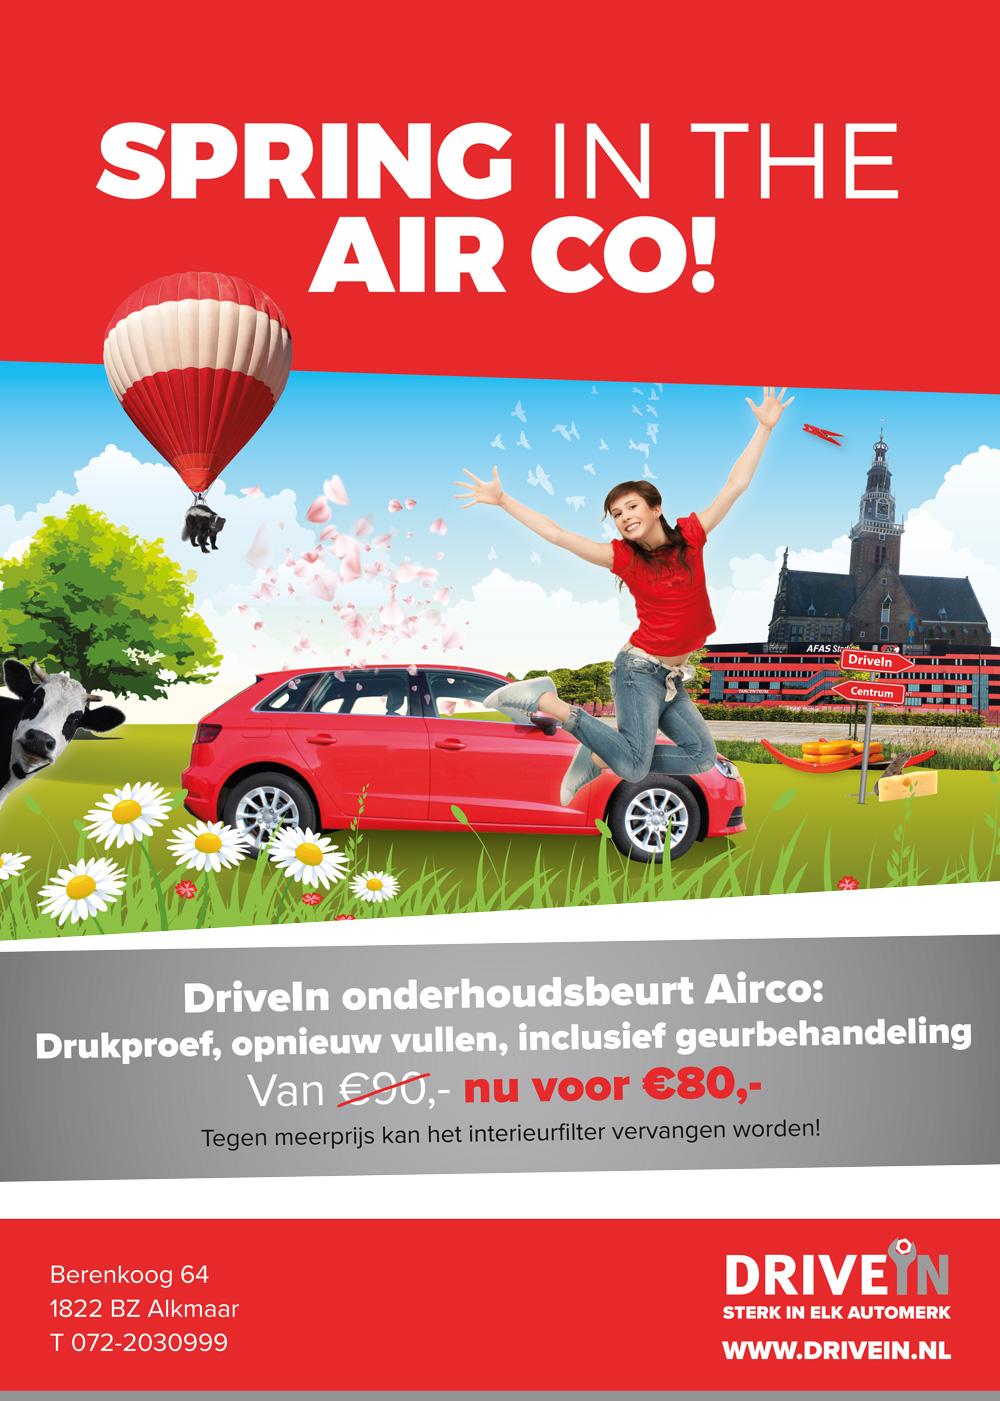 DRIVE IN concept en ontwerp actie spring in the airco